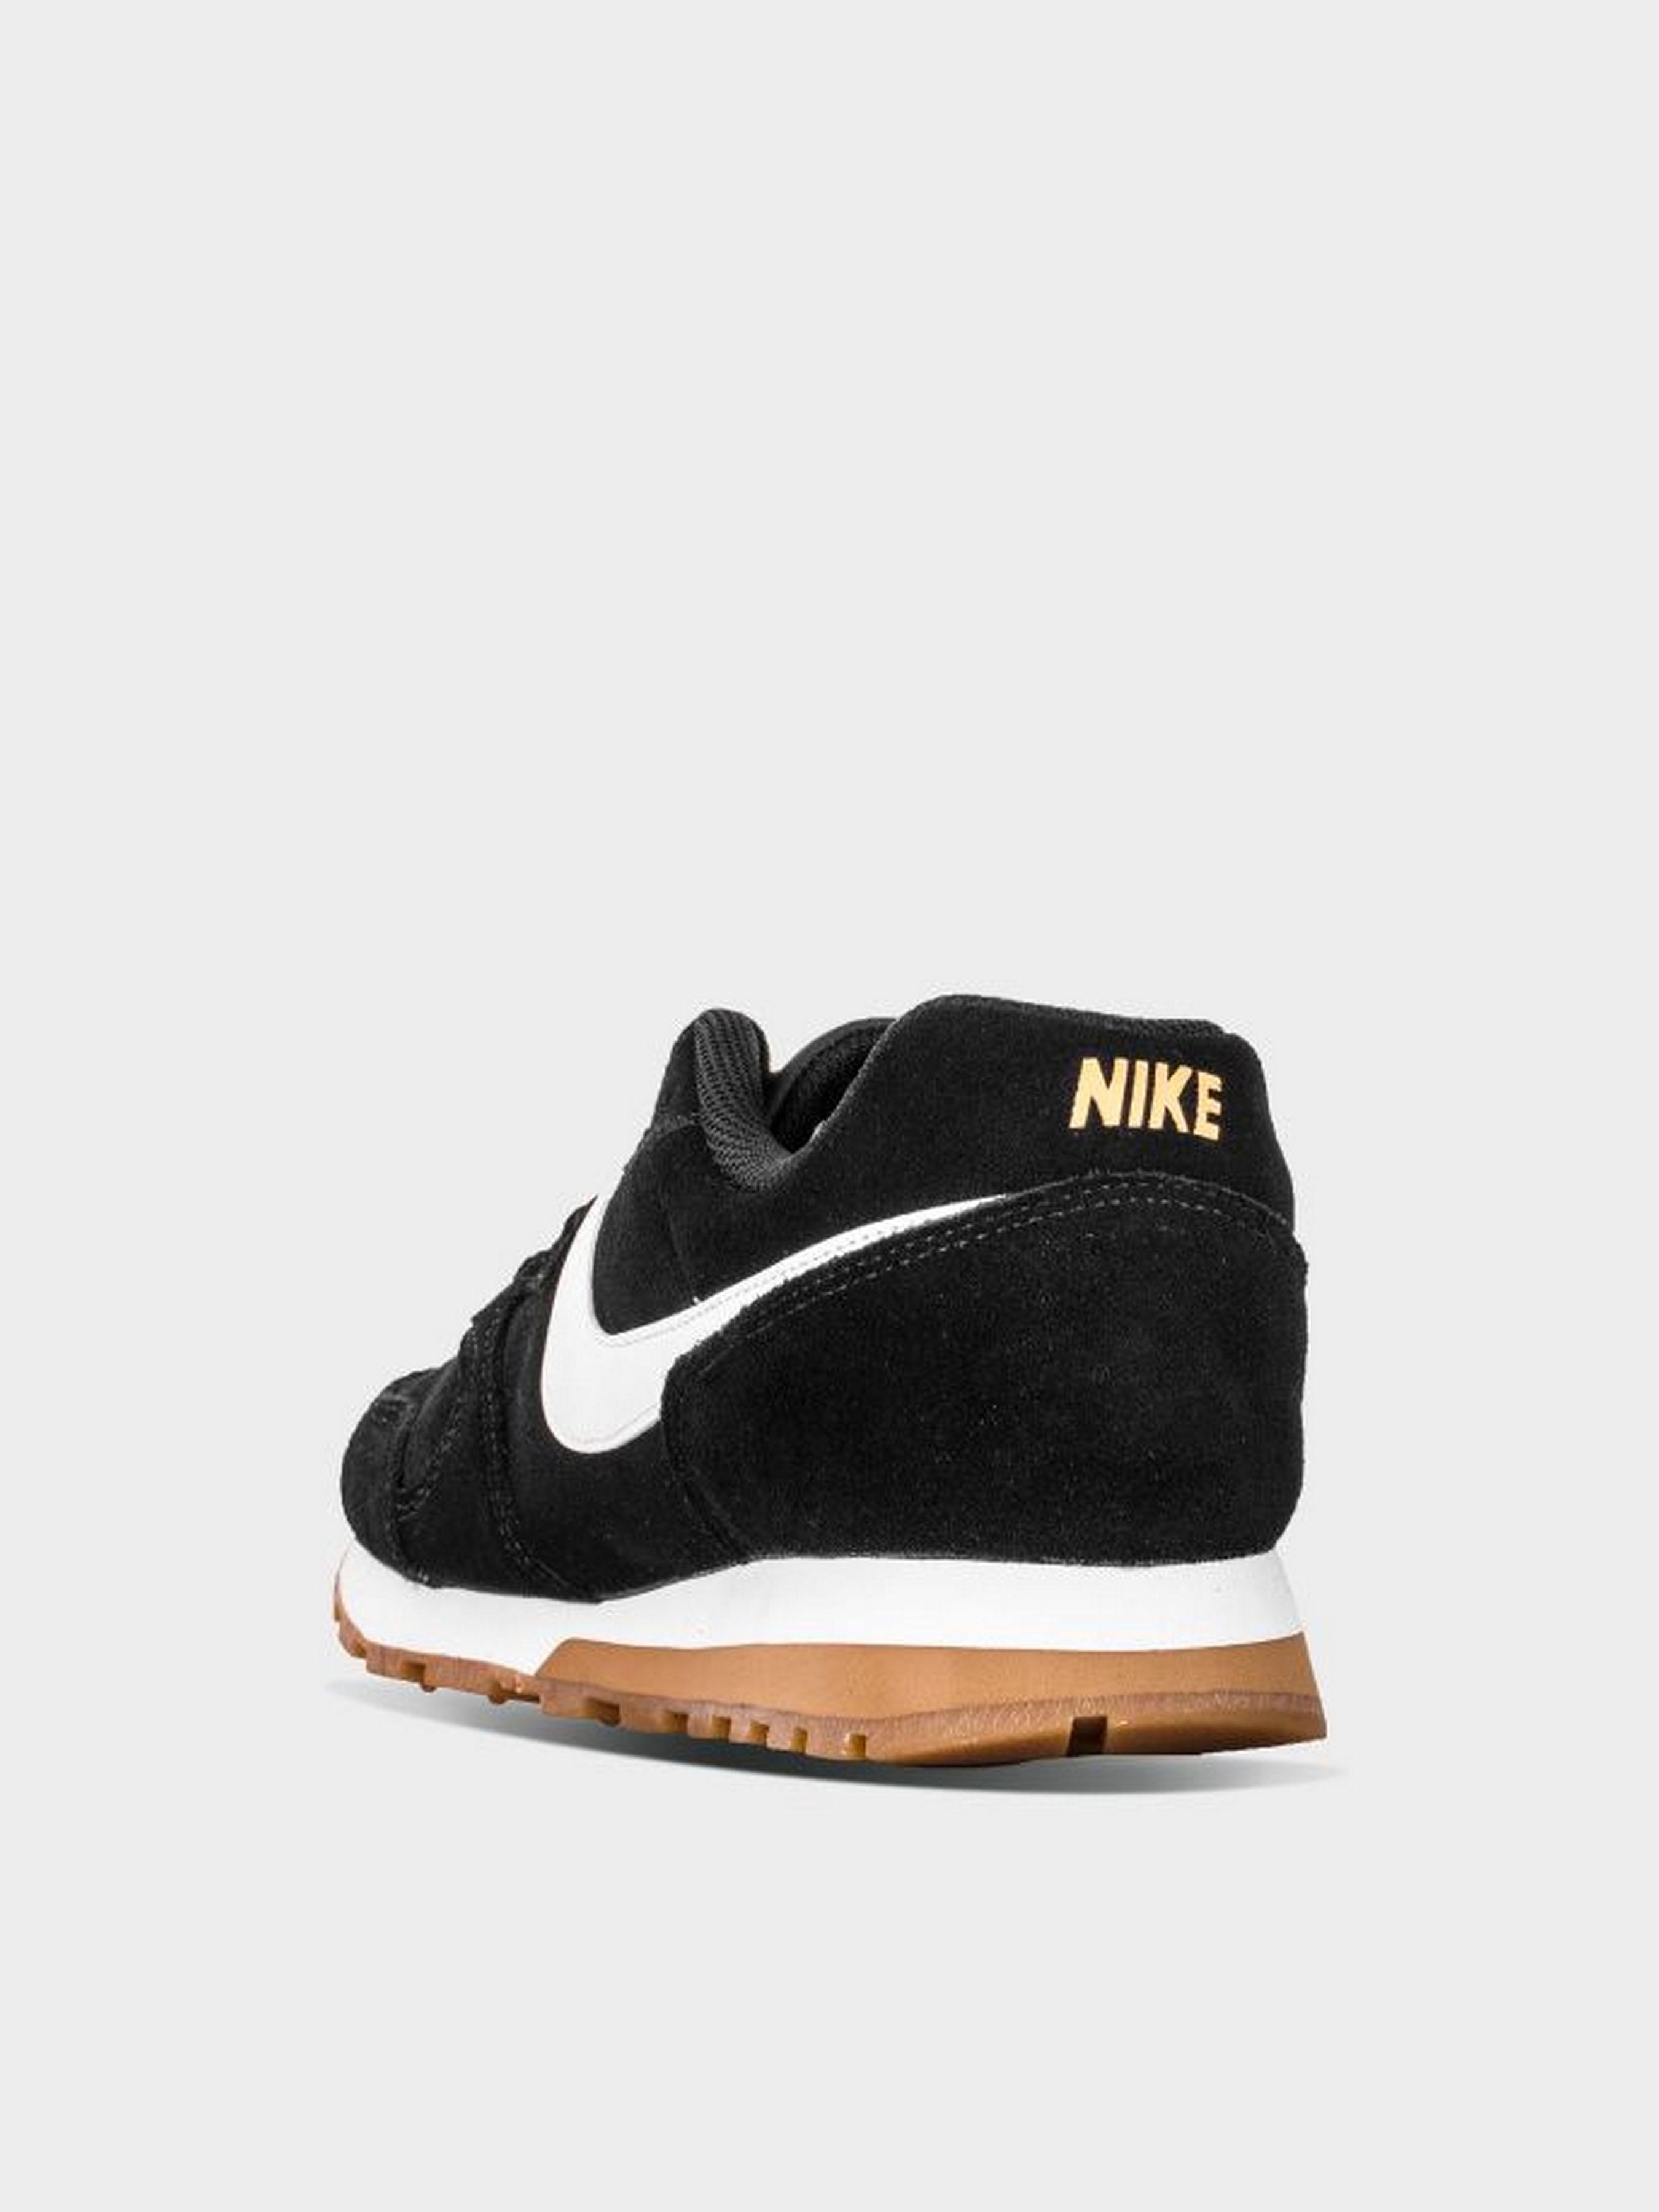 Кроссовки для мужчин NIKE MD Runner 2 Suede CE163 цена обуви, 2017